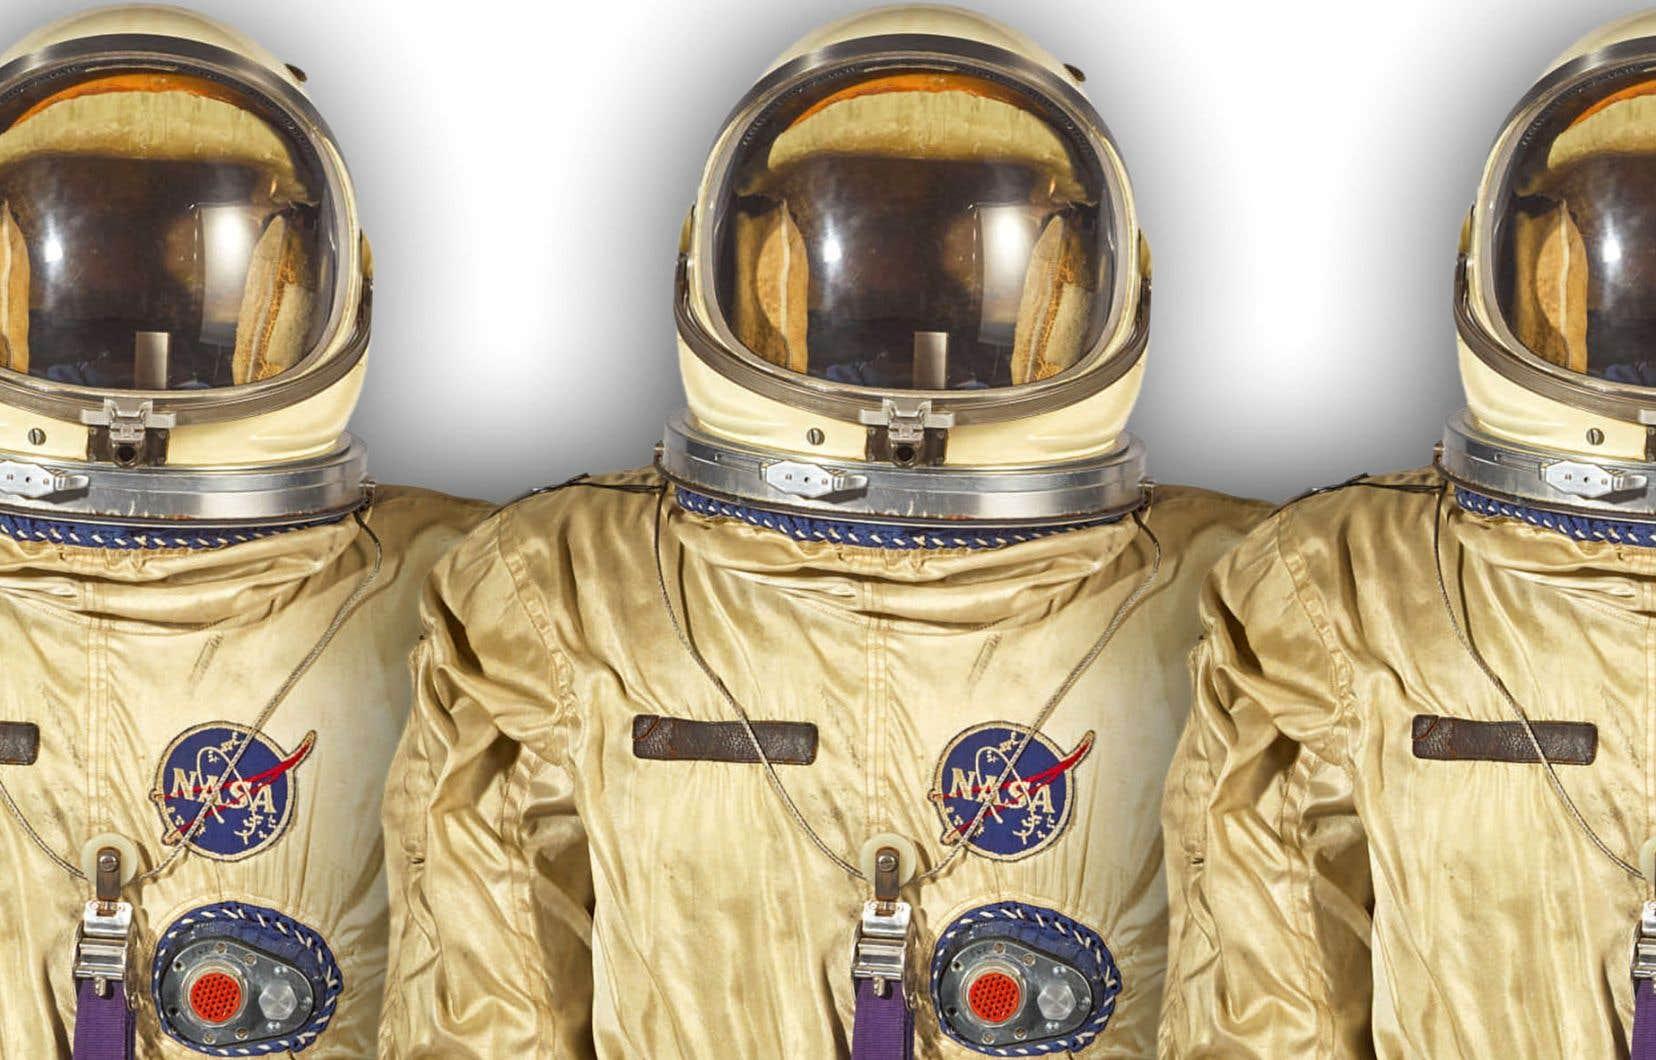 La combinaison Gemini avec le casque, les gants faits pour Pete Conrad et les bottes faites pour Frank Borman. Il s'agirait de la seule combinaison complète utilisée par un astronaute sur le marché.